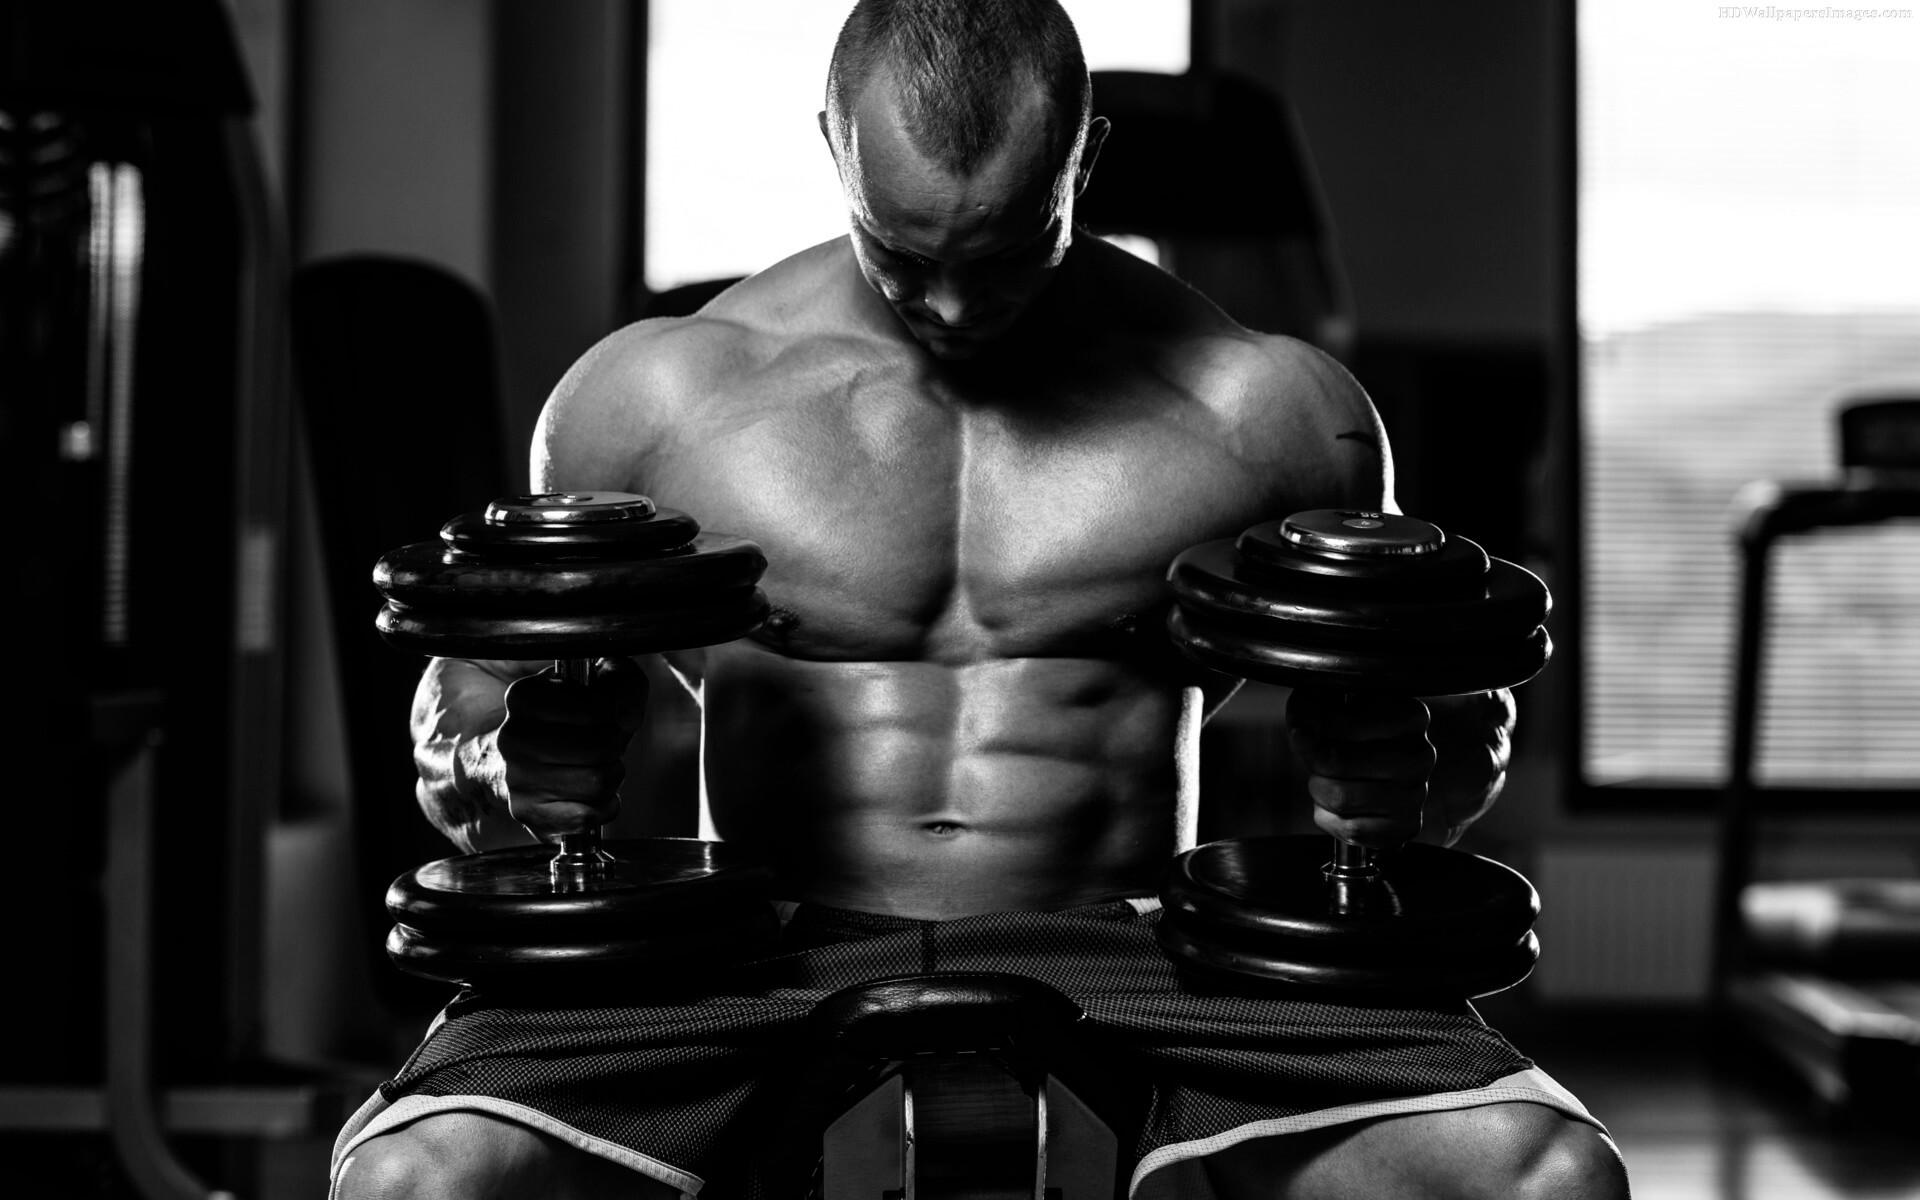 Bodybuilder-In-Gym-With-Dumbbells-Images.jpg